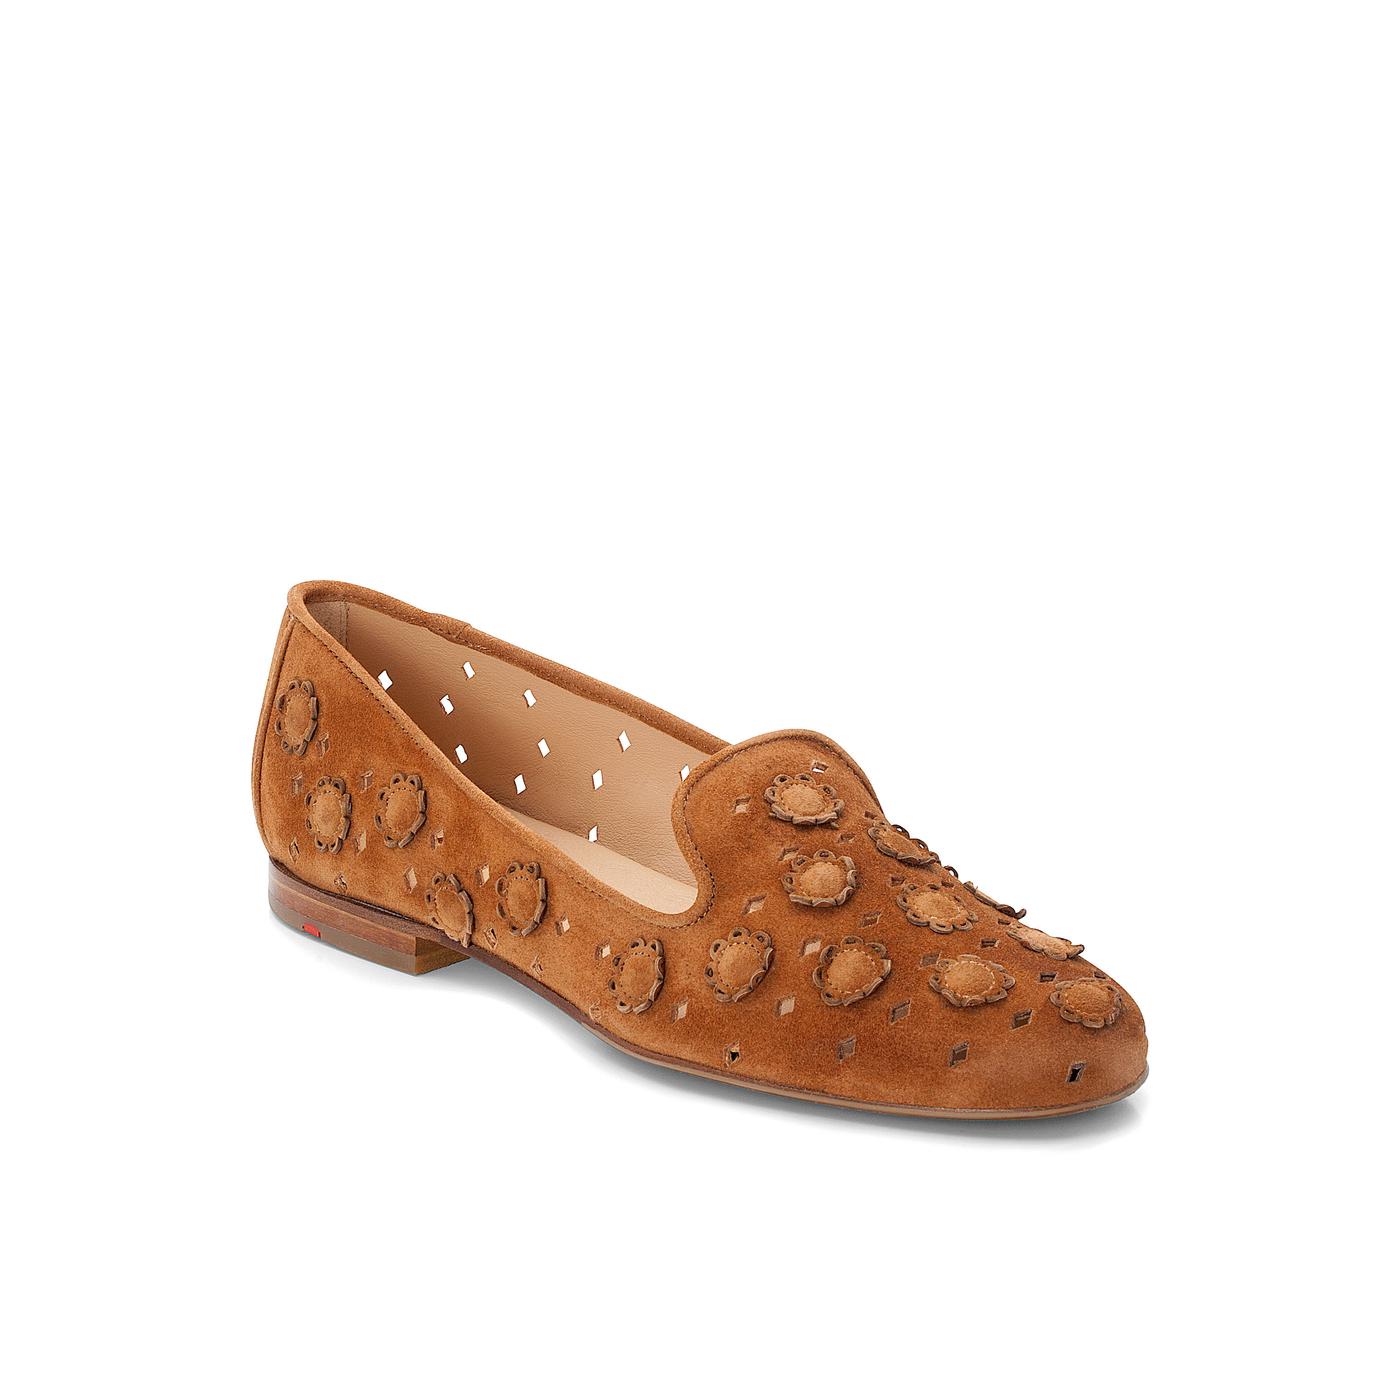 SLIPPER   Schuhe > Slipper   Braun   Rauleder -  leder   LLOYD